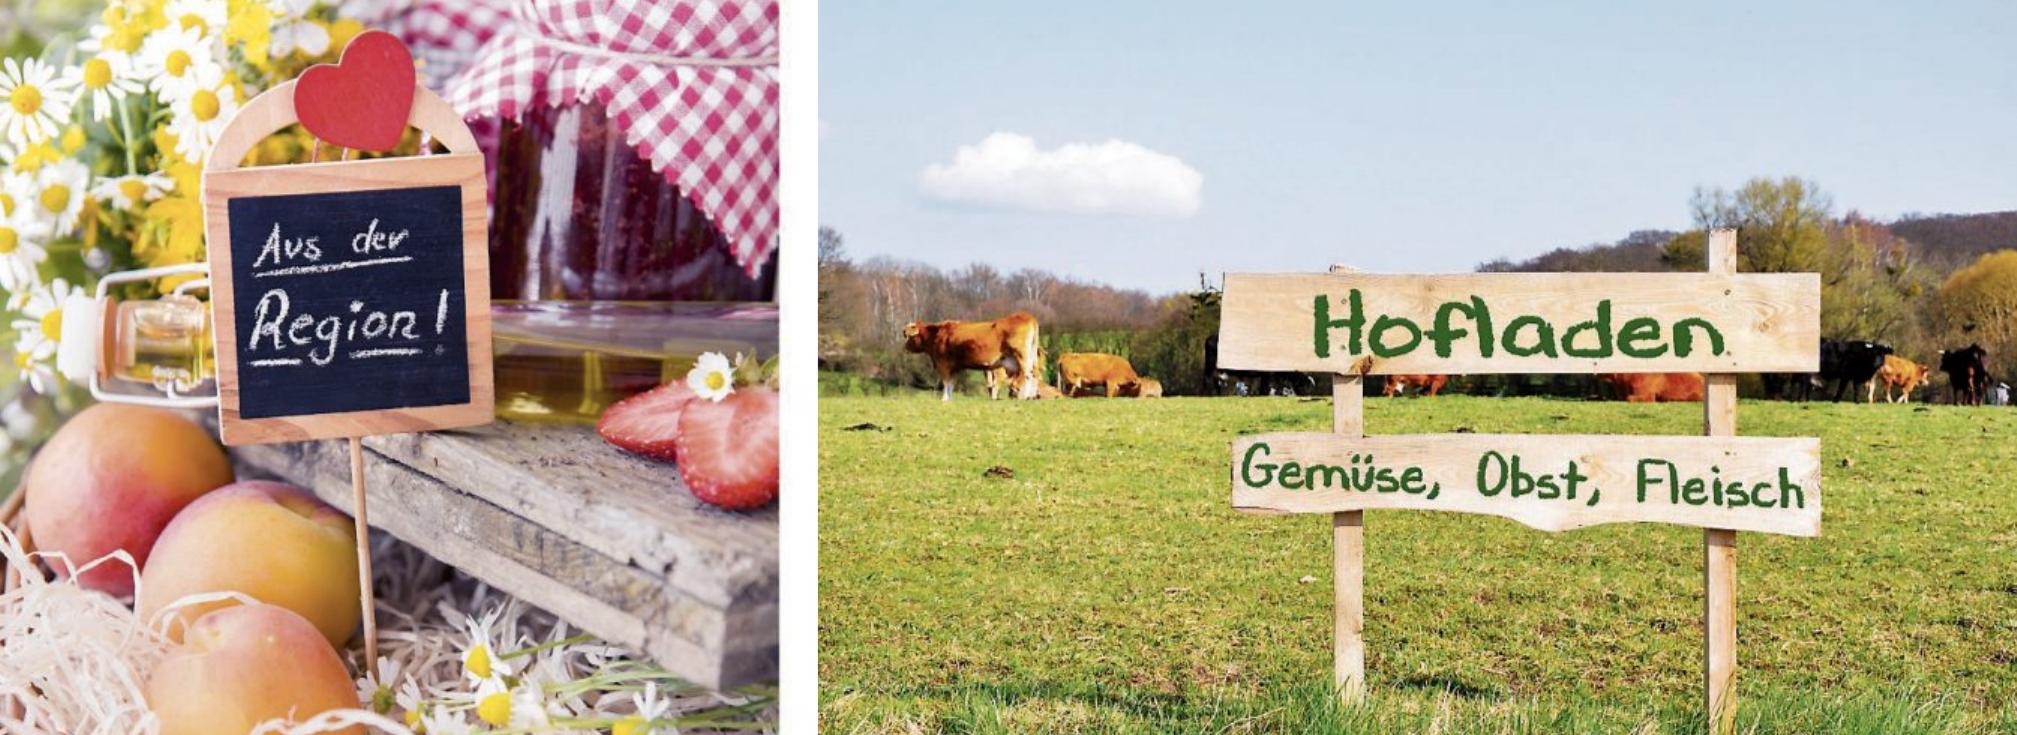 Immer mehr Verbraucherinnen und Verbraucher bevorzugen das frische und saisonale Angebot in den Hofläden oder bei Direktvermarktern. Bilder: Sonja Birkelbach/stock.adobe.com (oben), Marco2811/stock.adobe.com